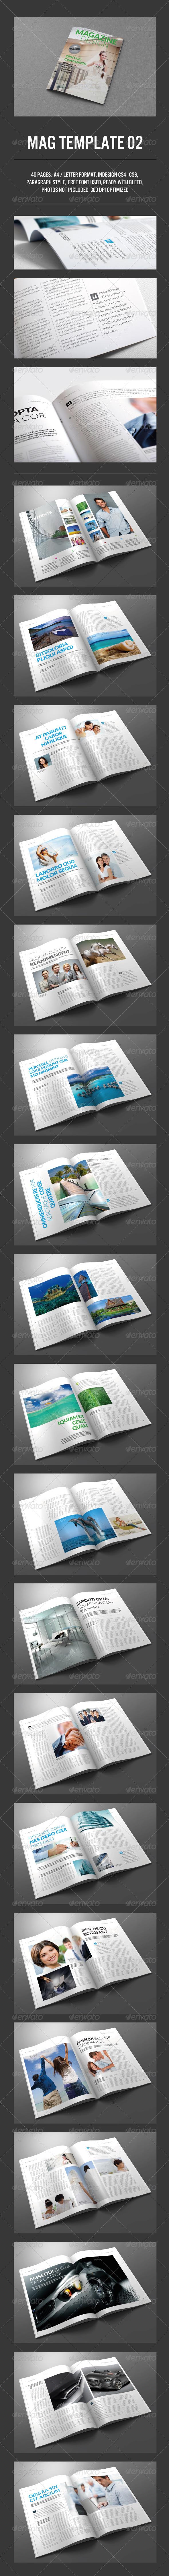 GraphicRiver Magz Template 02 5130307